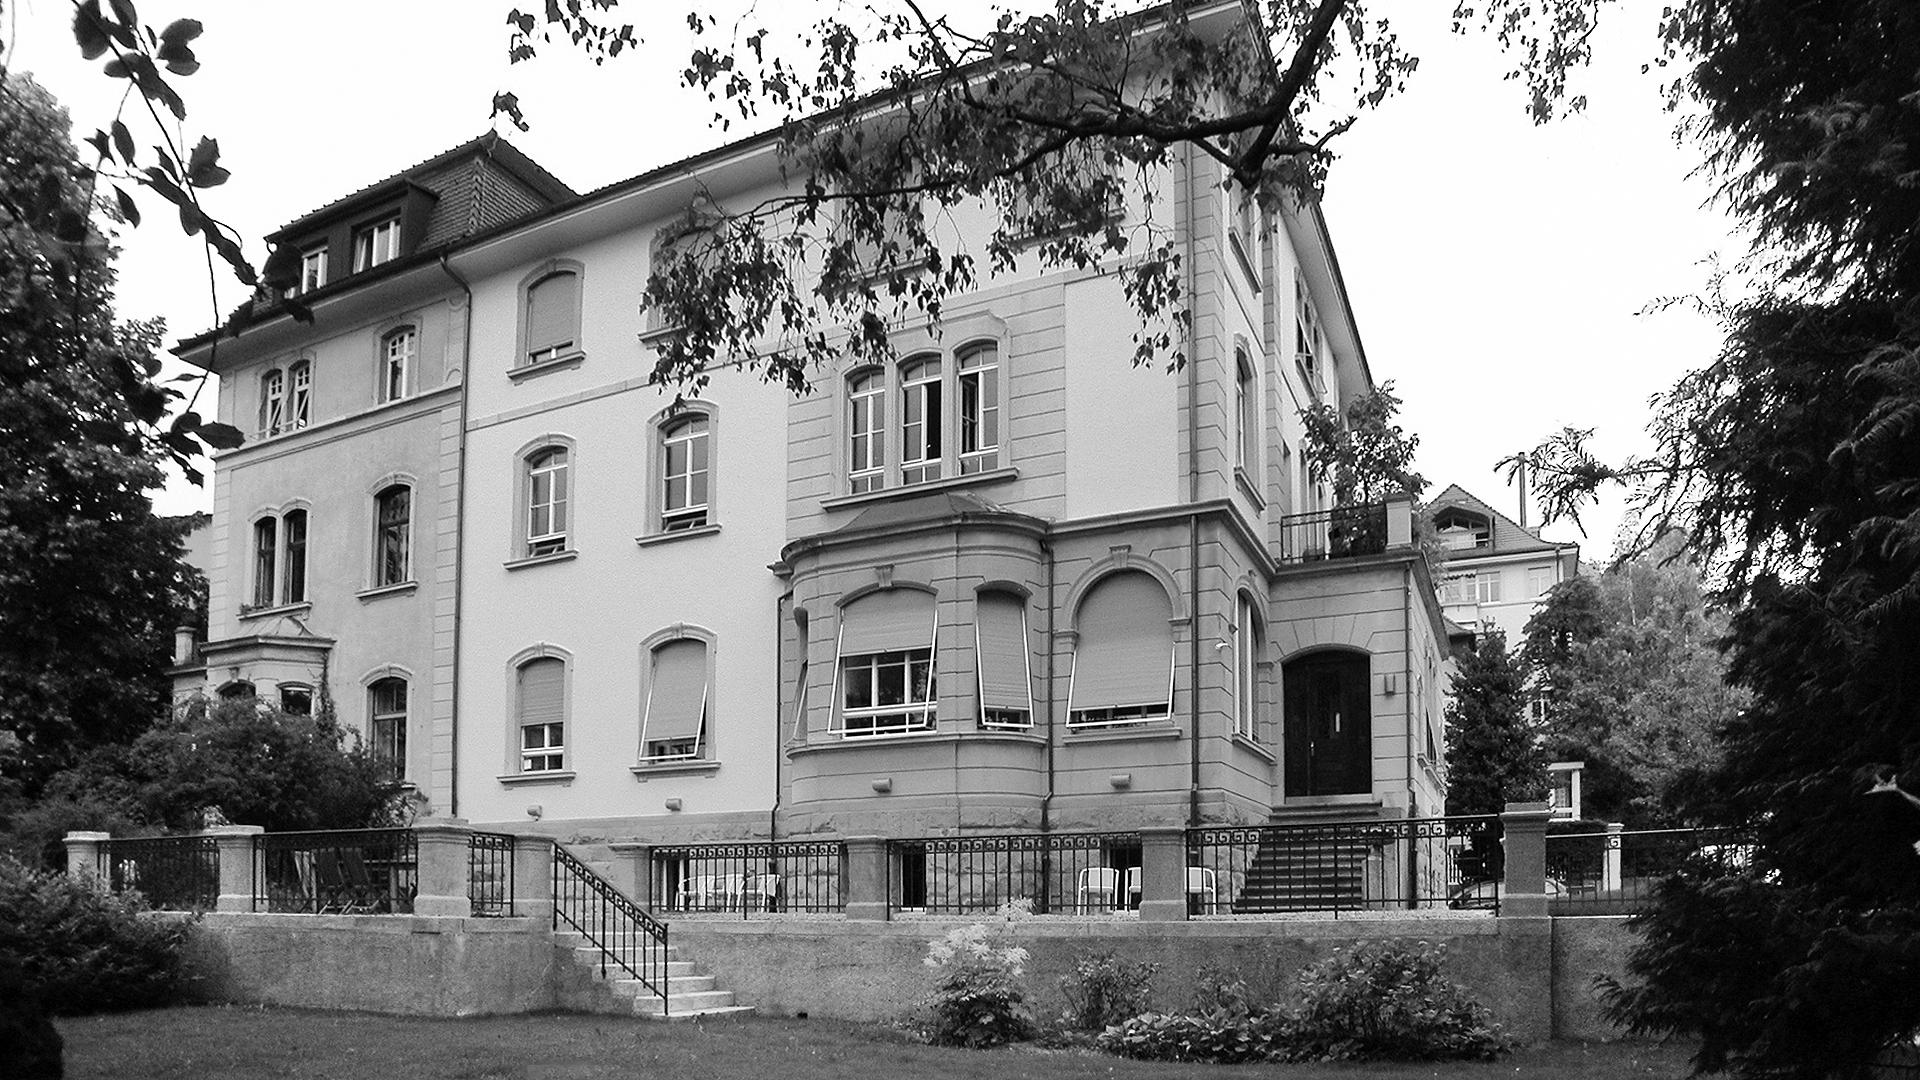 001_Schneiderhaus_Zuerich